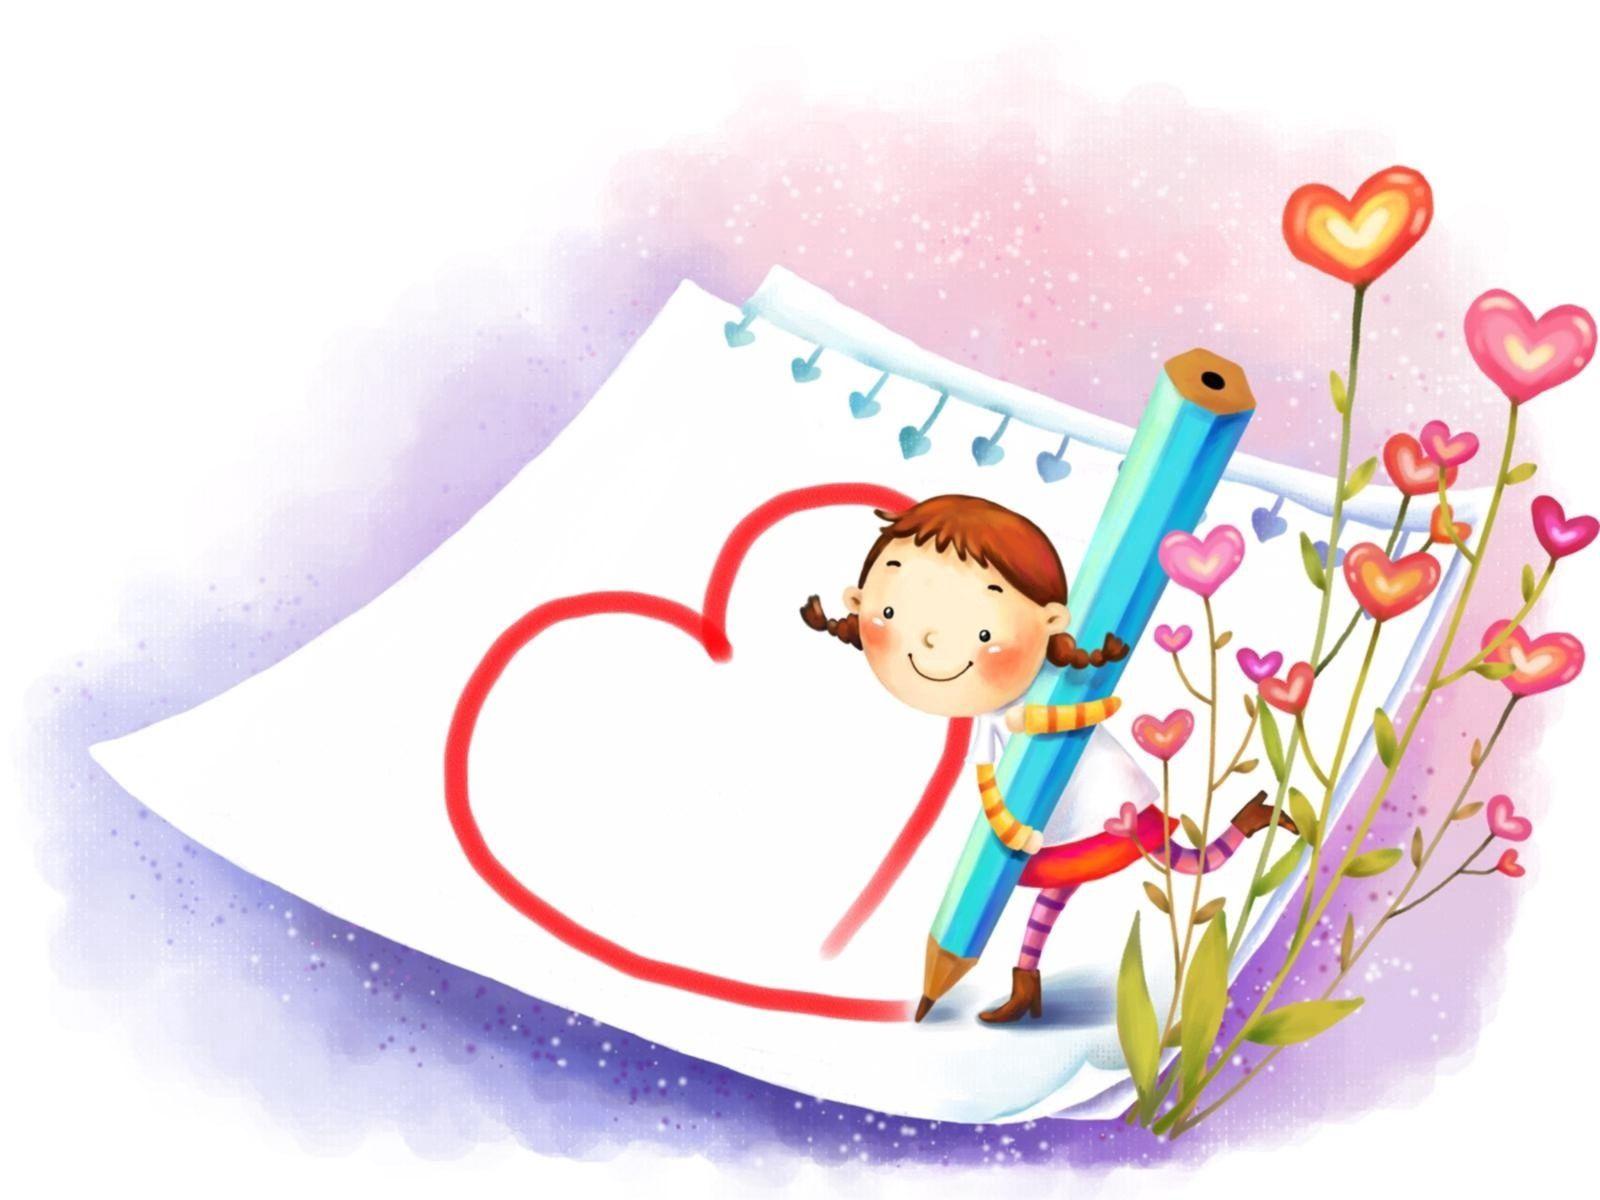 61774 скачать обои Любовь, Девочка, Ребенок, Рисунок - заставки и картинки бесплатно